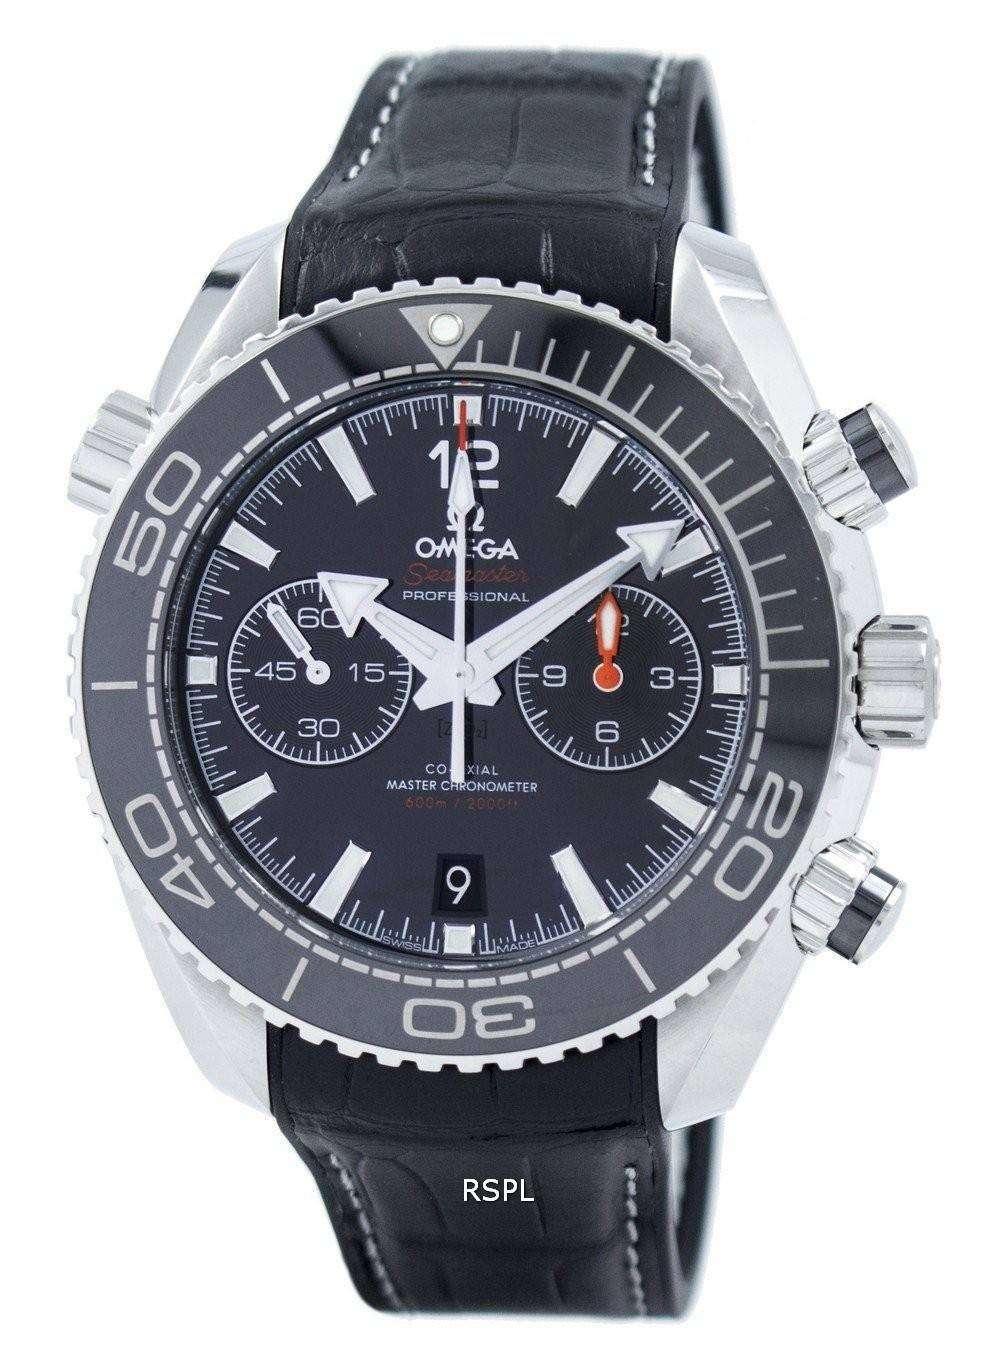 オメガ シーマスター プラネット ・ オーシャン 600 M コーアクシャル クロノグラフ 215.33.46.51.01.001 メンズ腕時計